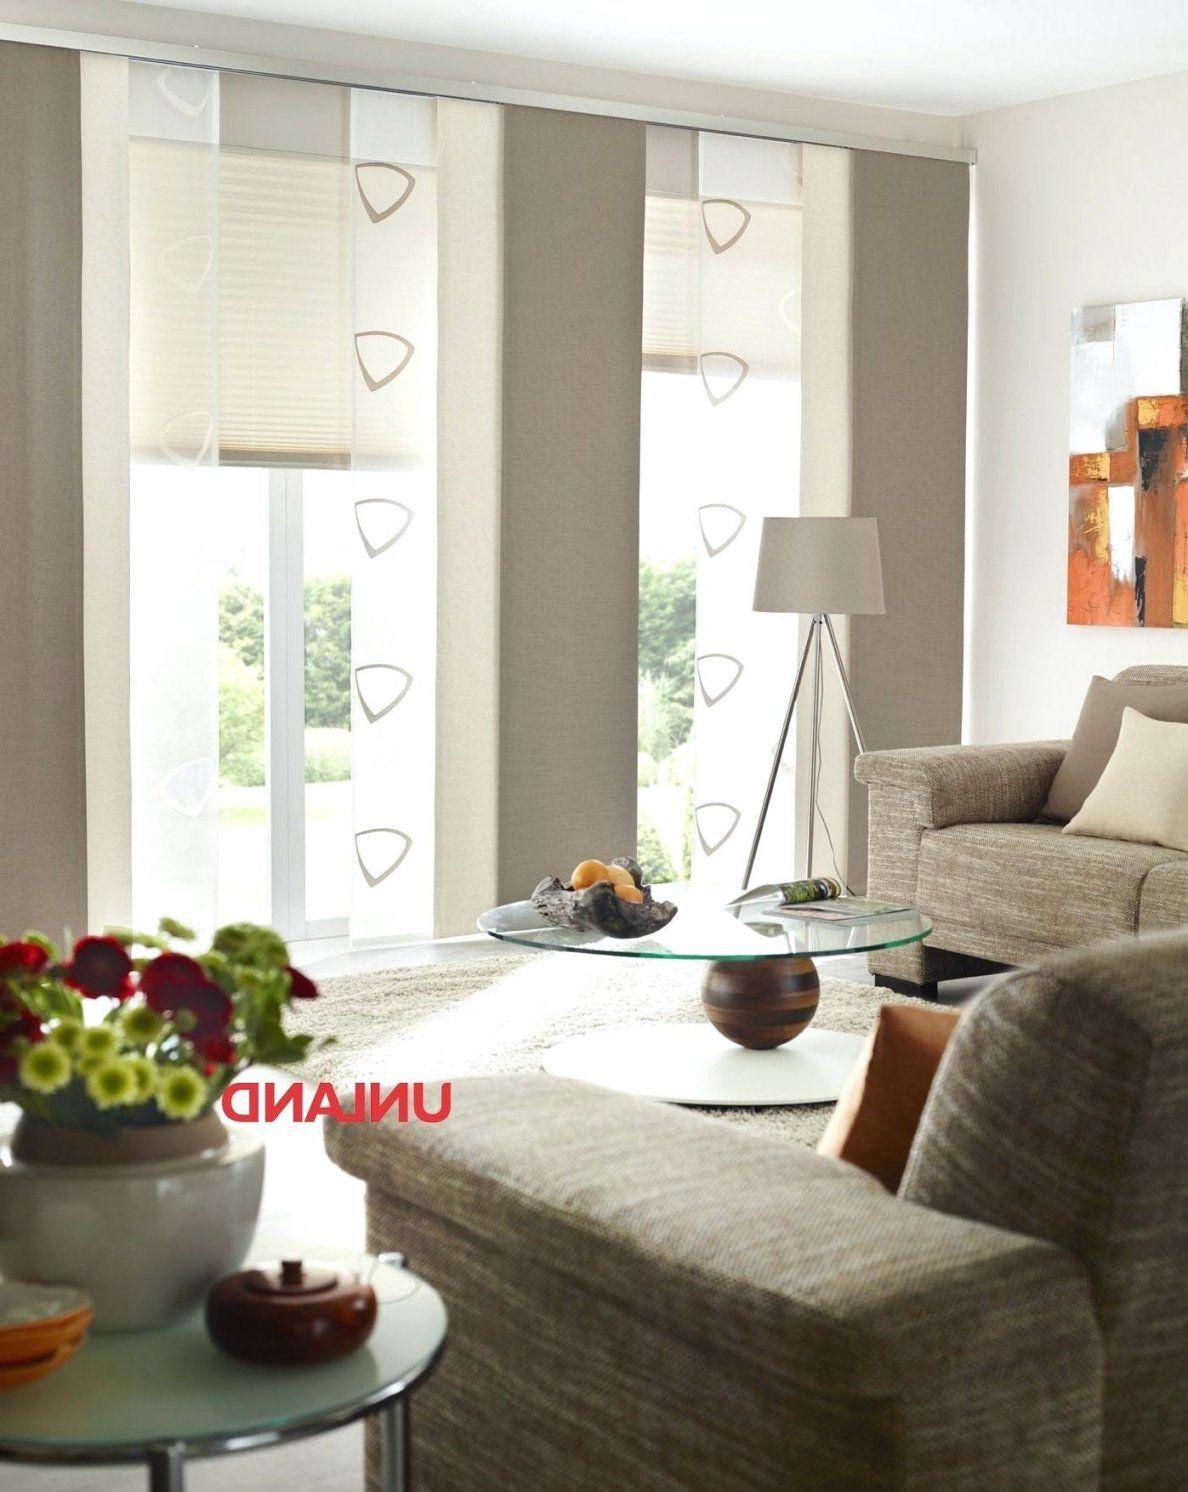 Unland Gardinen Roller Schaaufnahme Urbansteel Fensterideen Vorhang von Unland Gardinen Outlet Bild